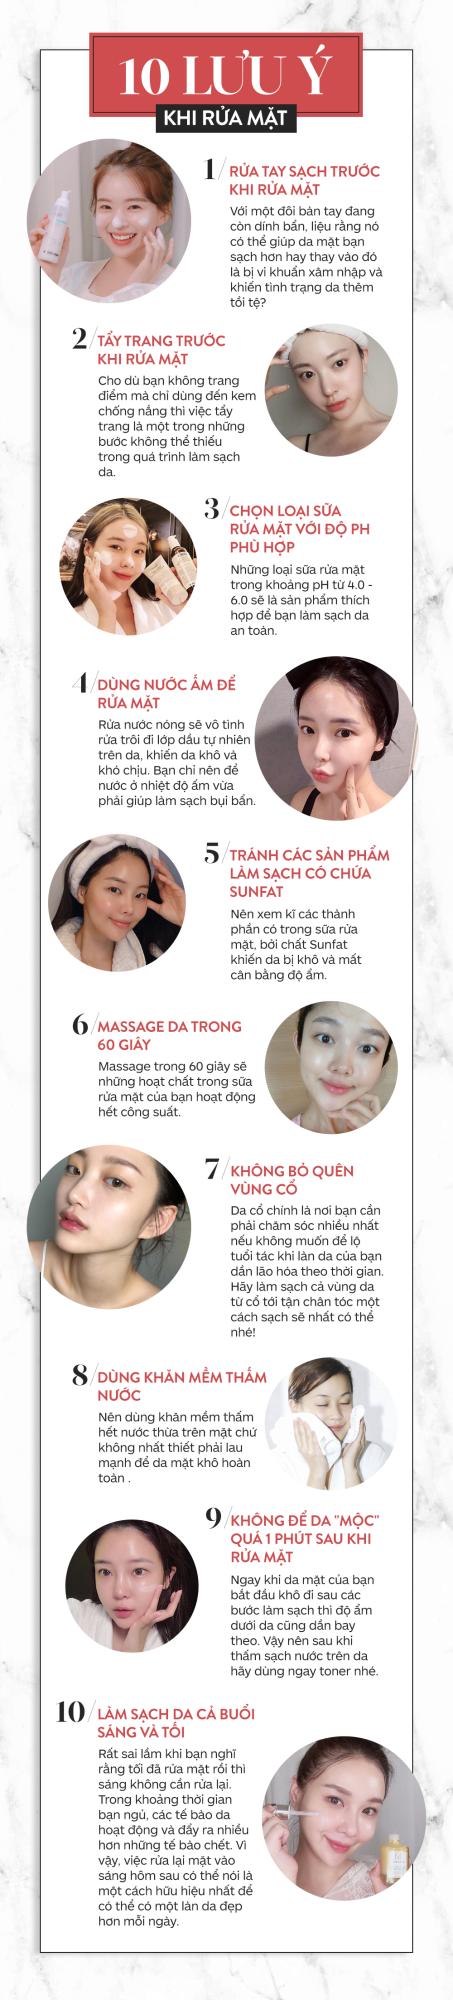 Chăm sóc da mùa hanh khô: 10 lưu ý khi rửa mặt để da luôn bóng khỏe và không bong tróc - Ảnh 1